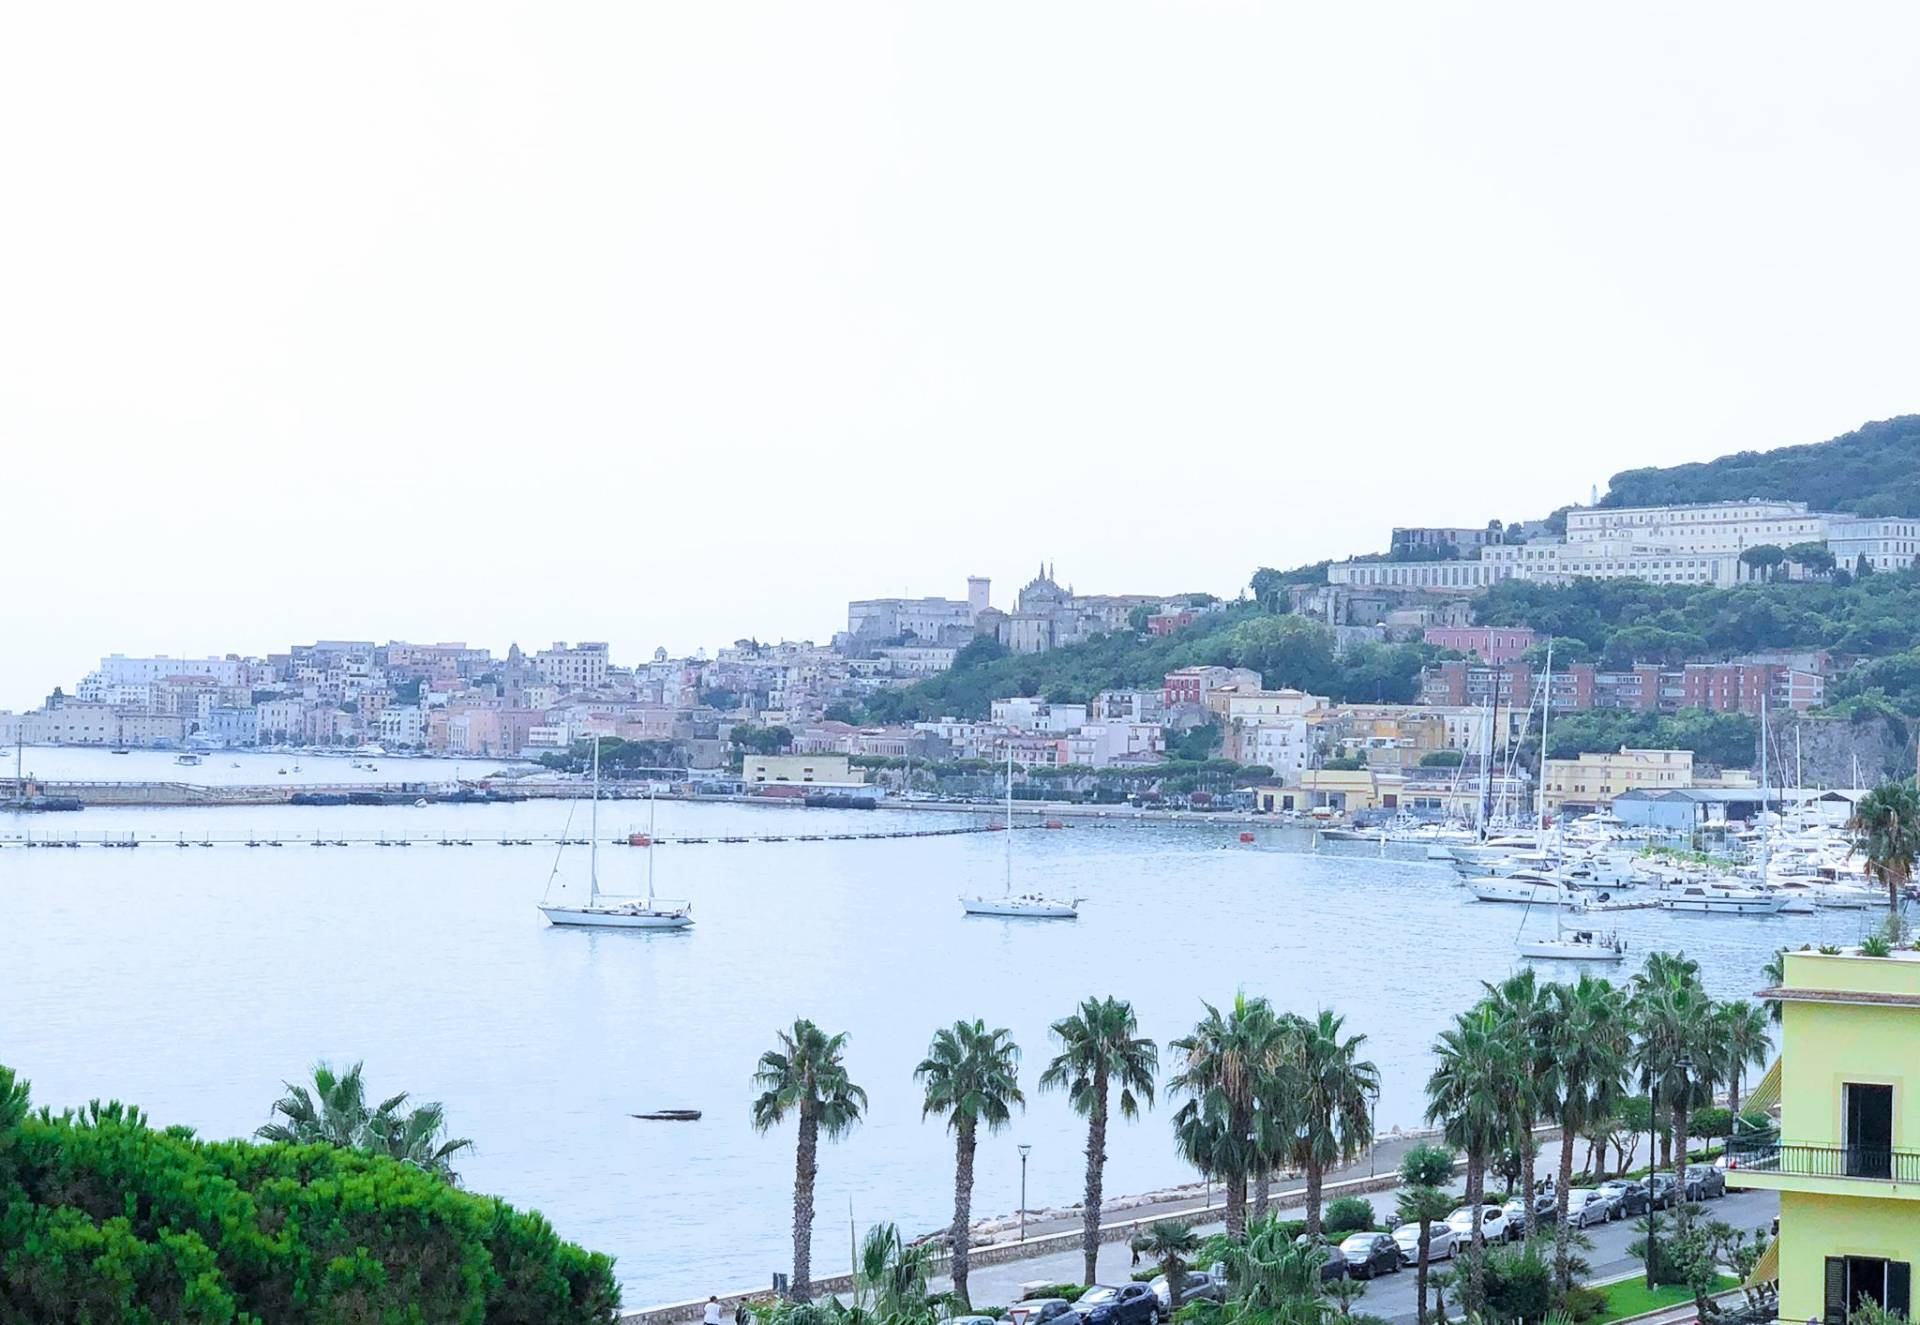 Appartamento in vendita a Gaeta, 3 locali, zona Località: Lungomarecaboto, prezzo € 265.000   PortaleAgenzieImmobiliari.it